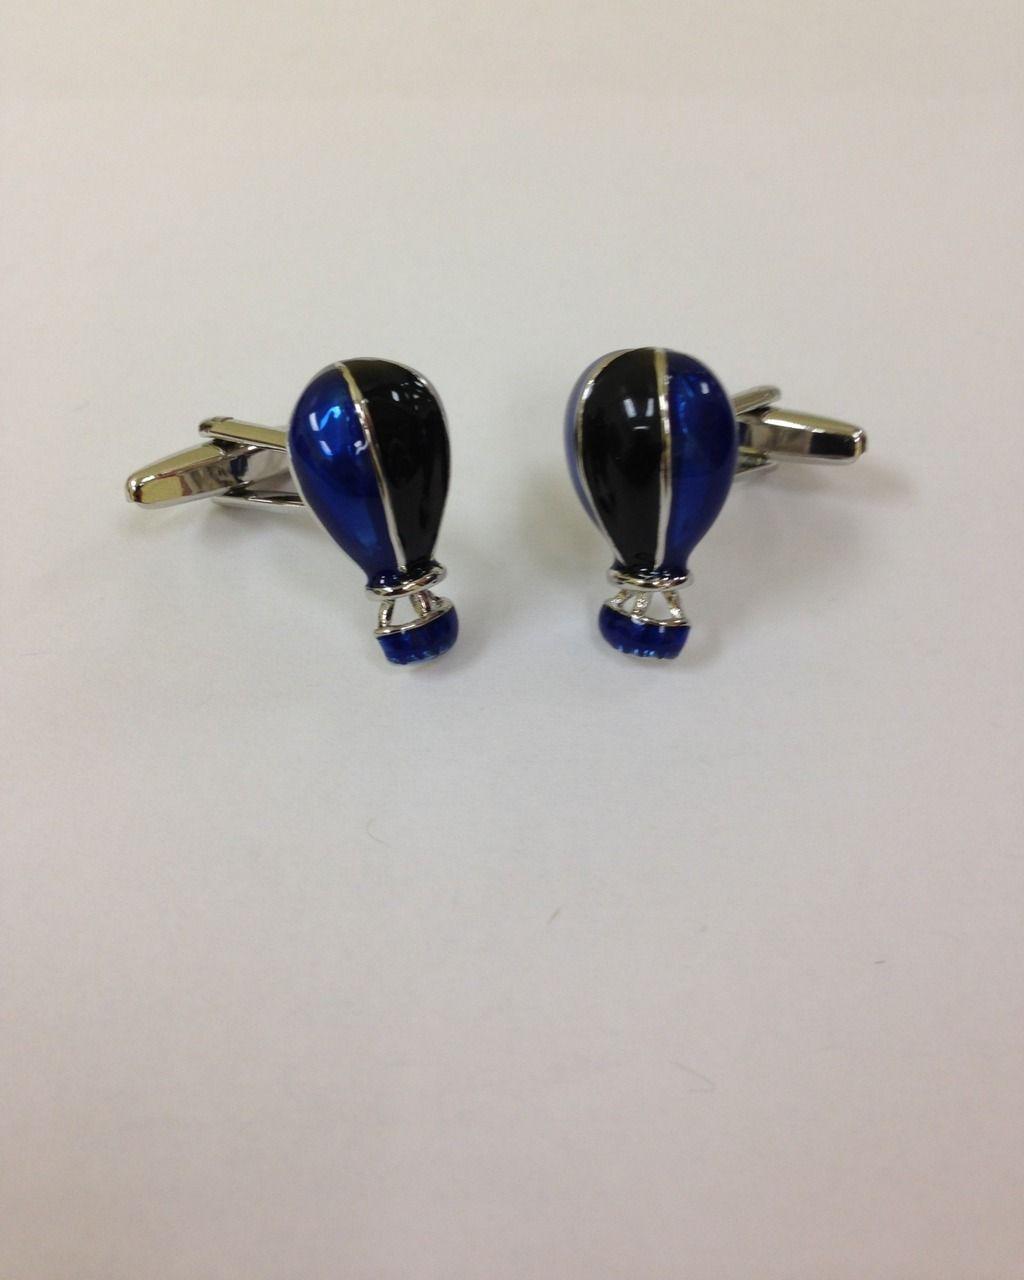 2 Pc. Silver/Blue Fun Hot Air Balloon Cufflinks